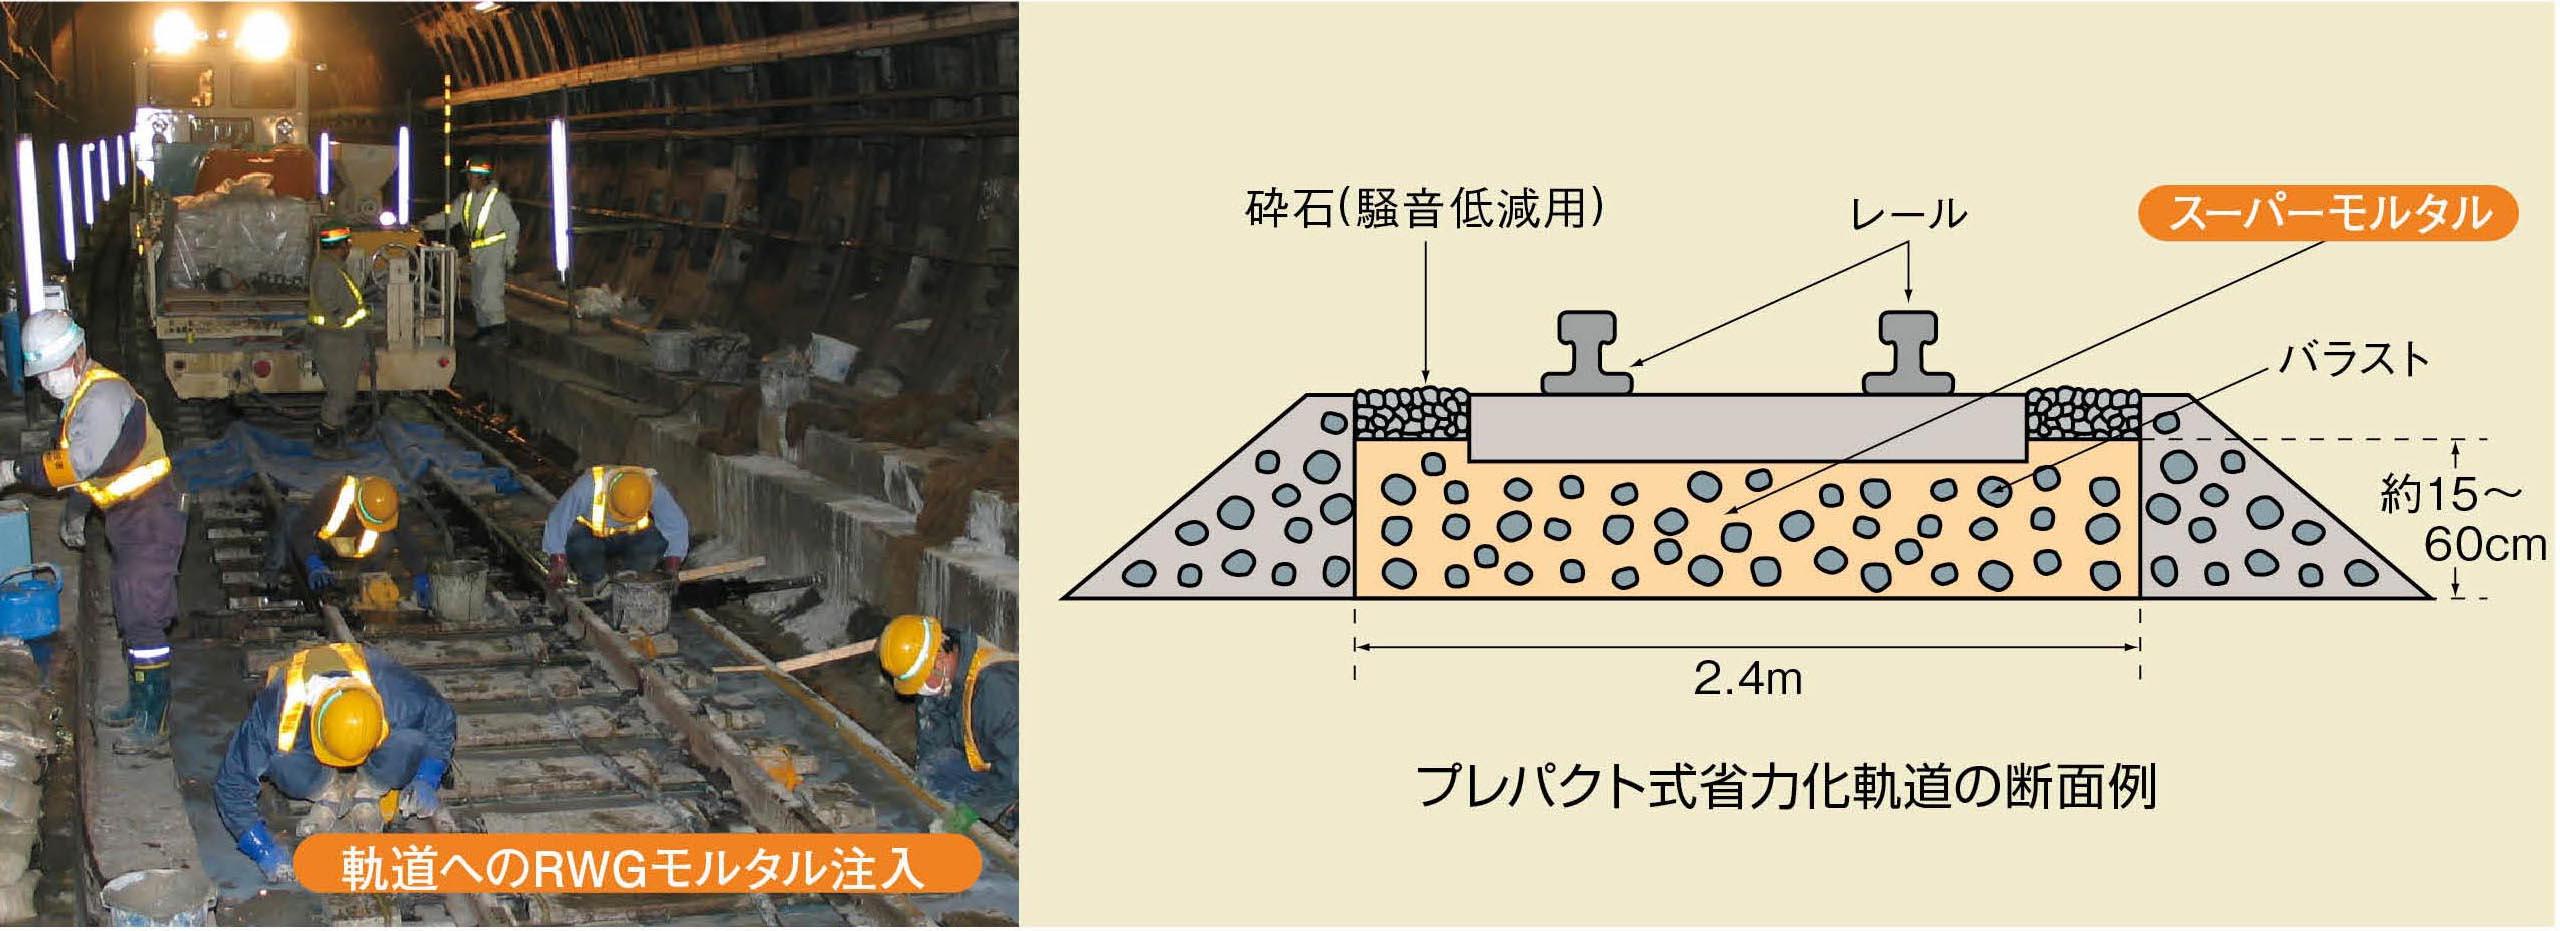 プレパクト式省力化軌道用無収縮モルタルなどの現場混練りサービス